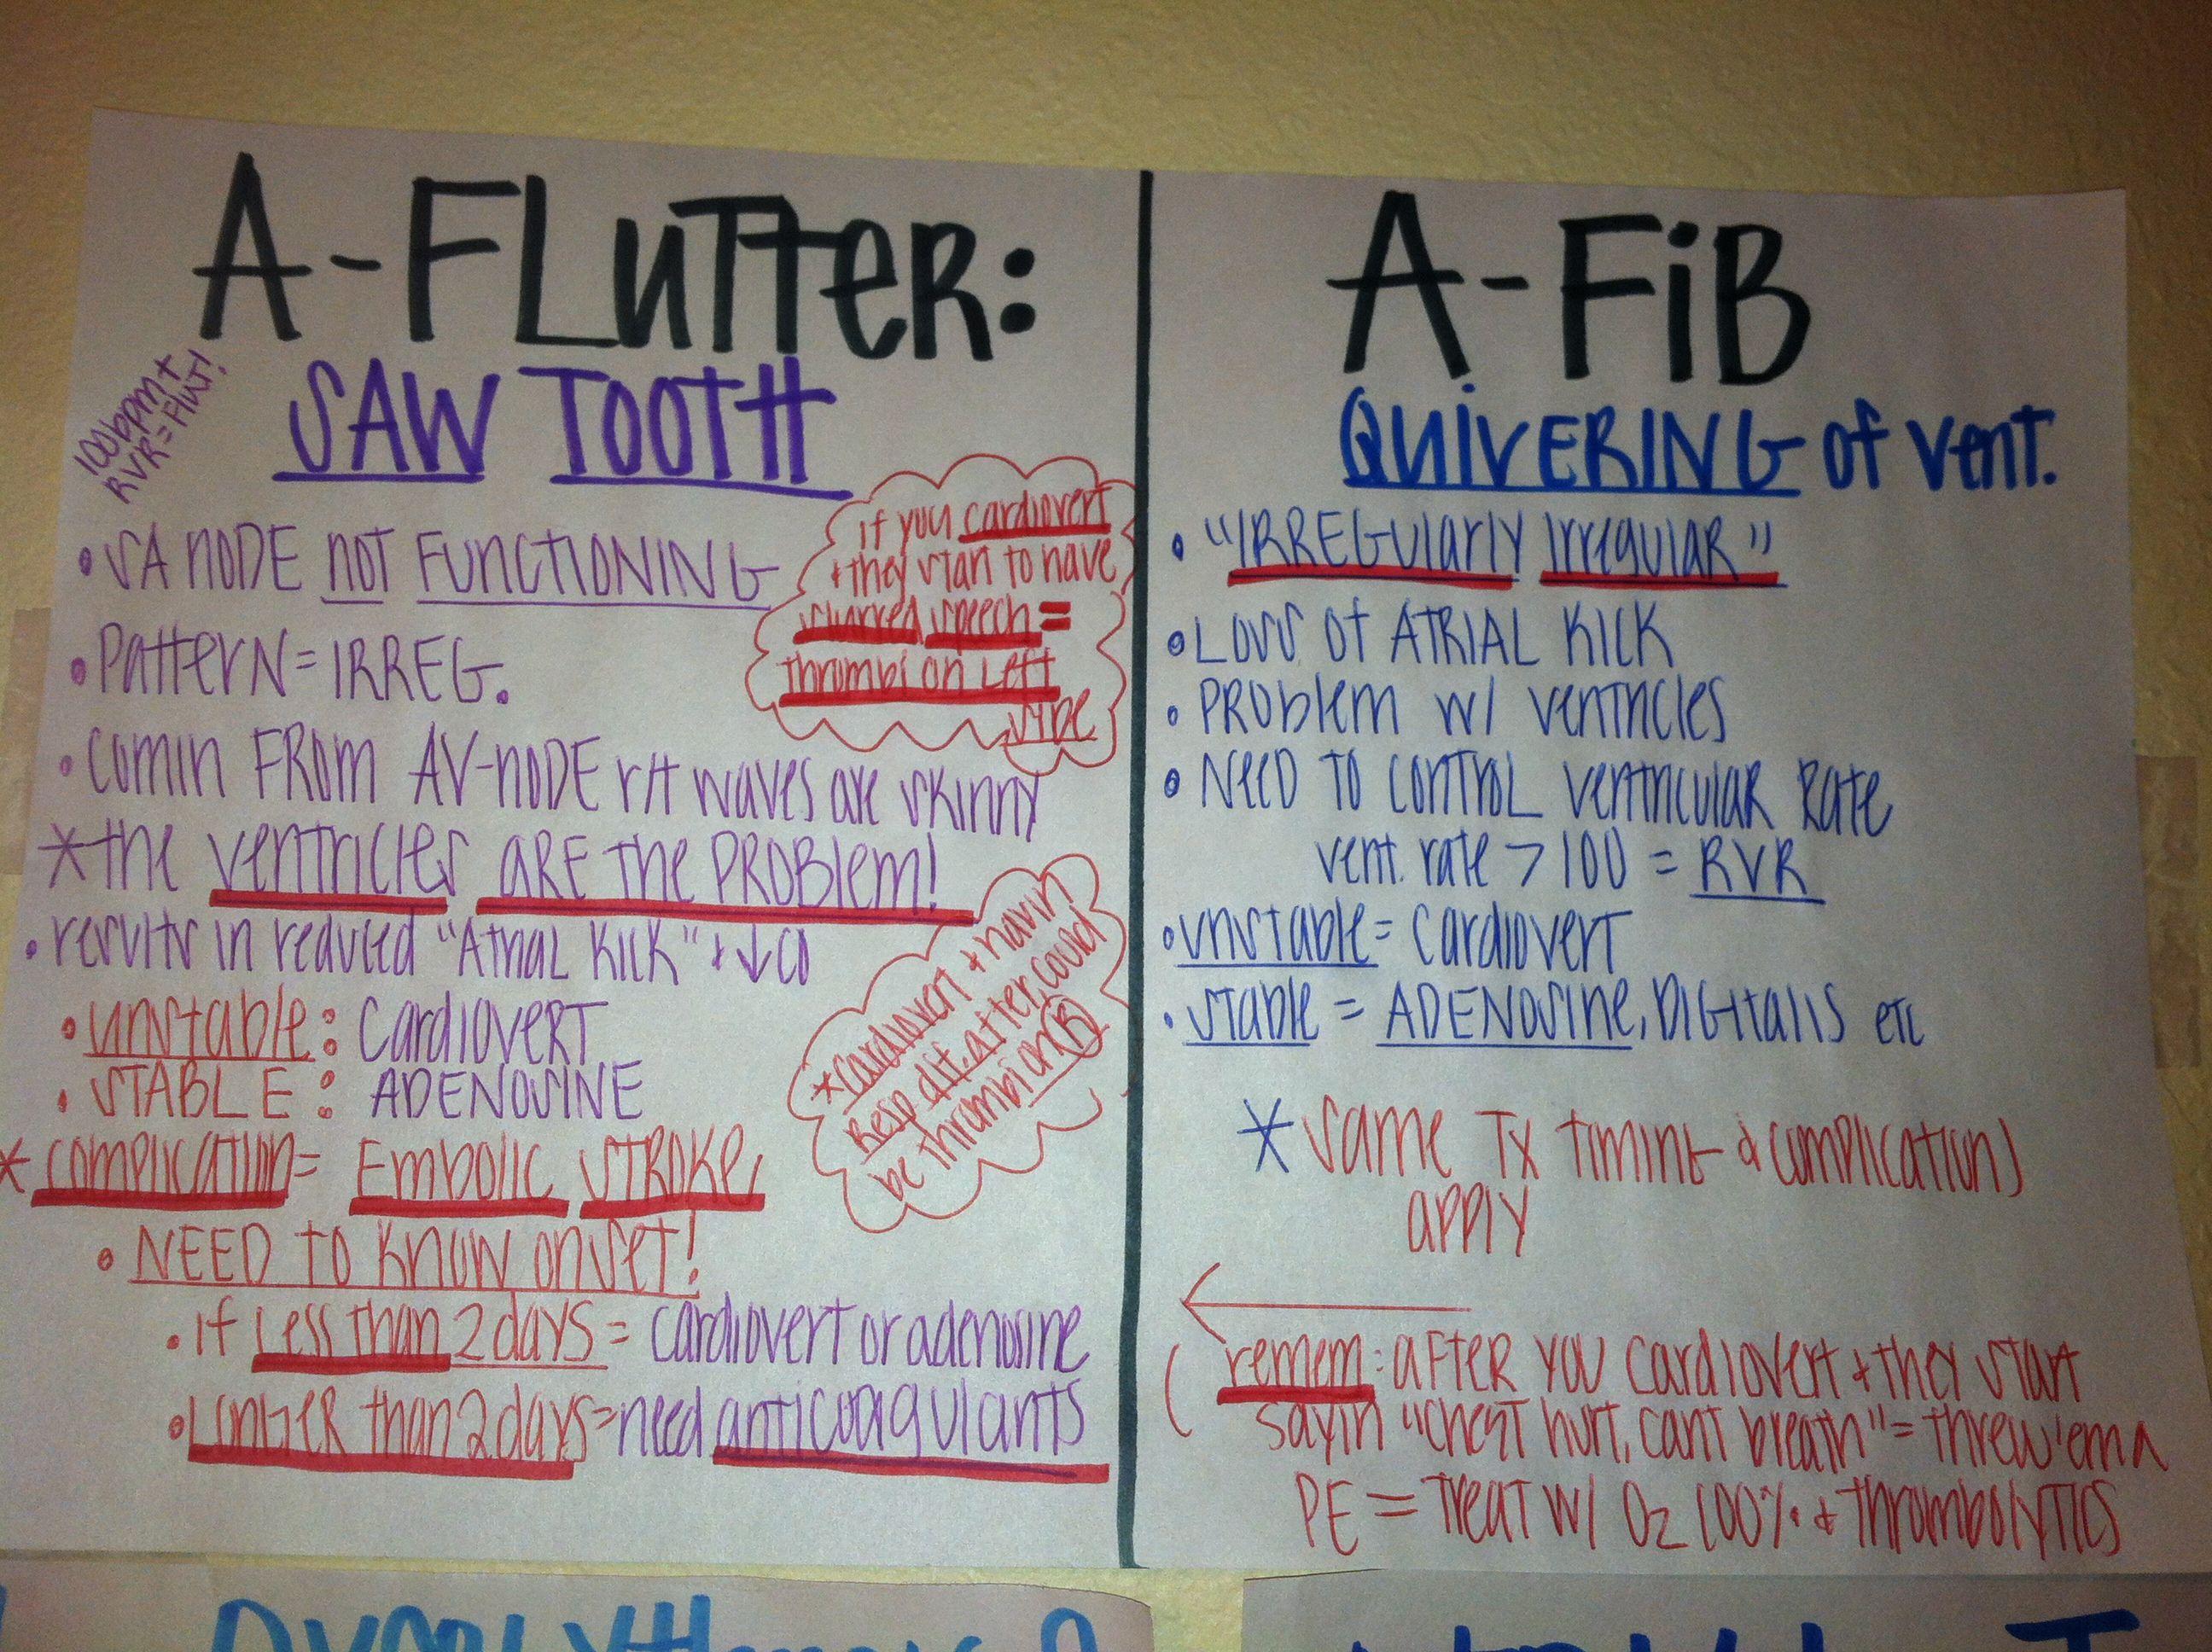 A Flutter Vs A Fib